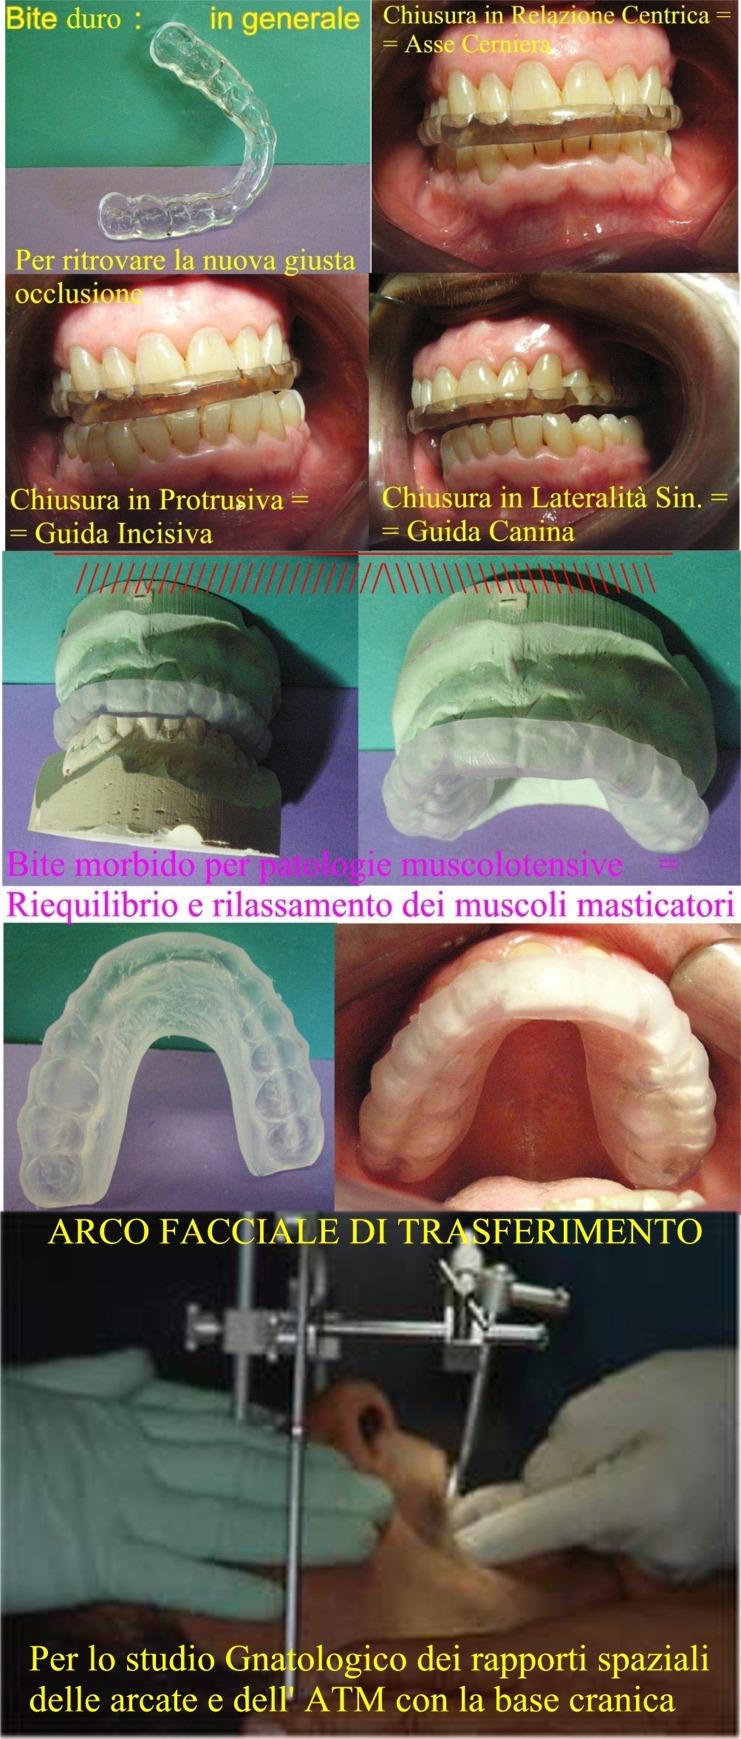 Diversi tipi di Bite e Arco facciale di trasferimento. Da casistica Gnatologica del Dr. Gustavo Petti di Cagliari